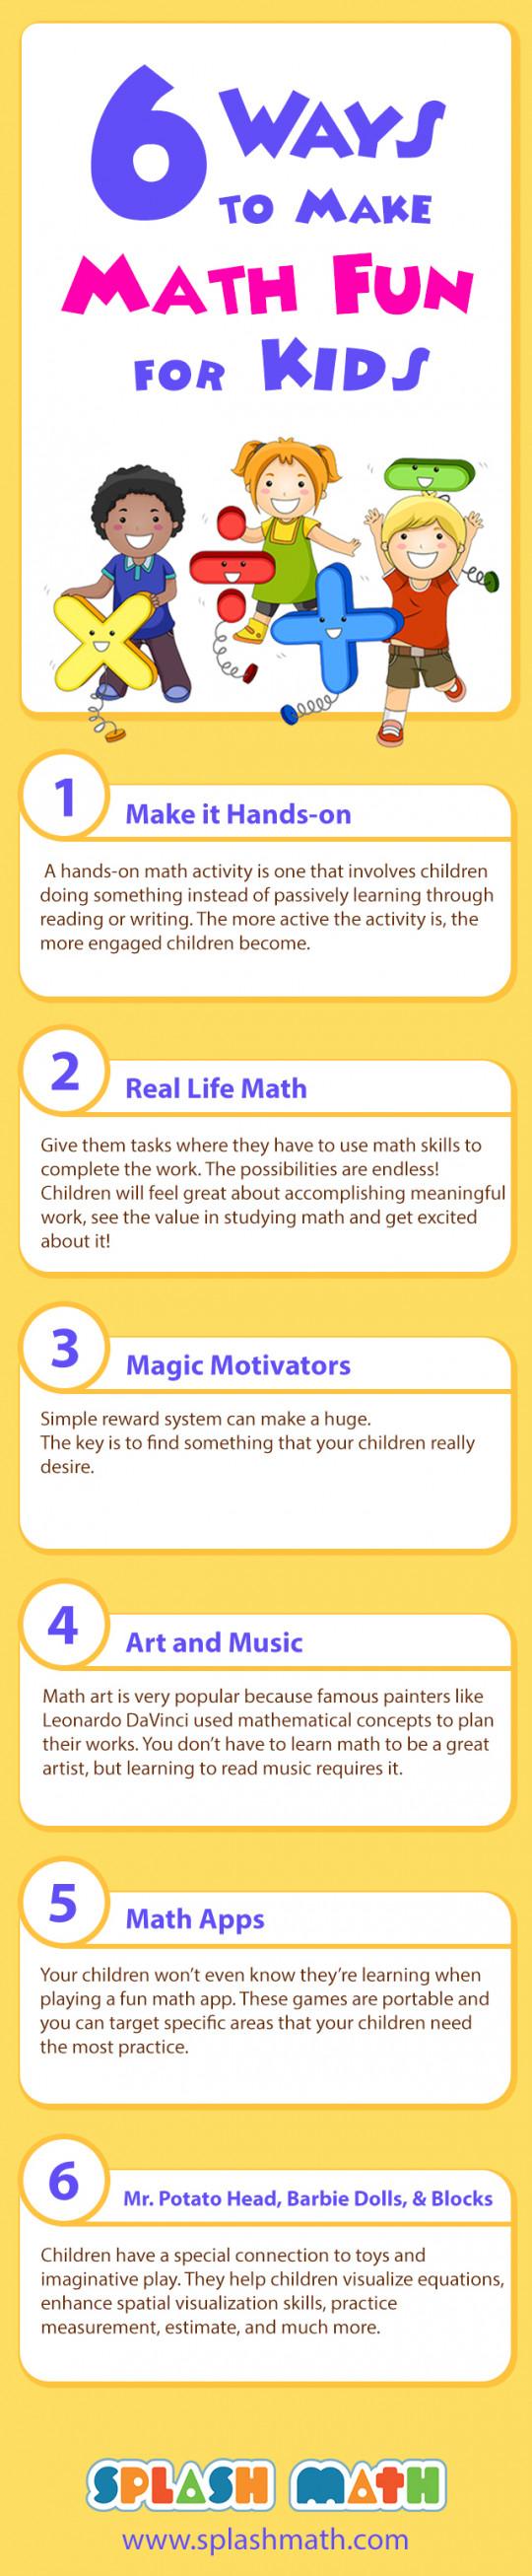 6 Ways to Make Math Fun